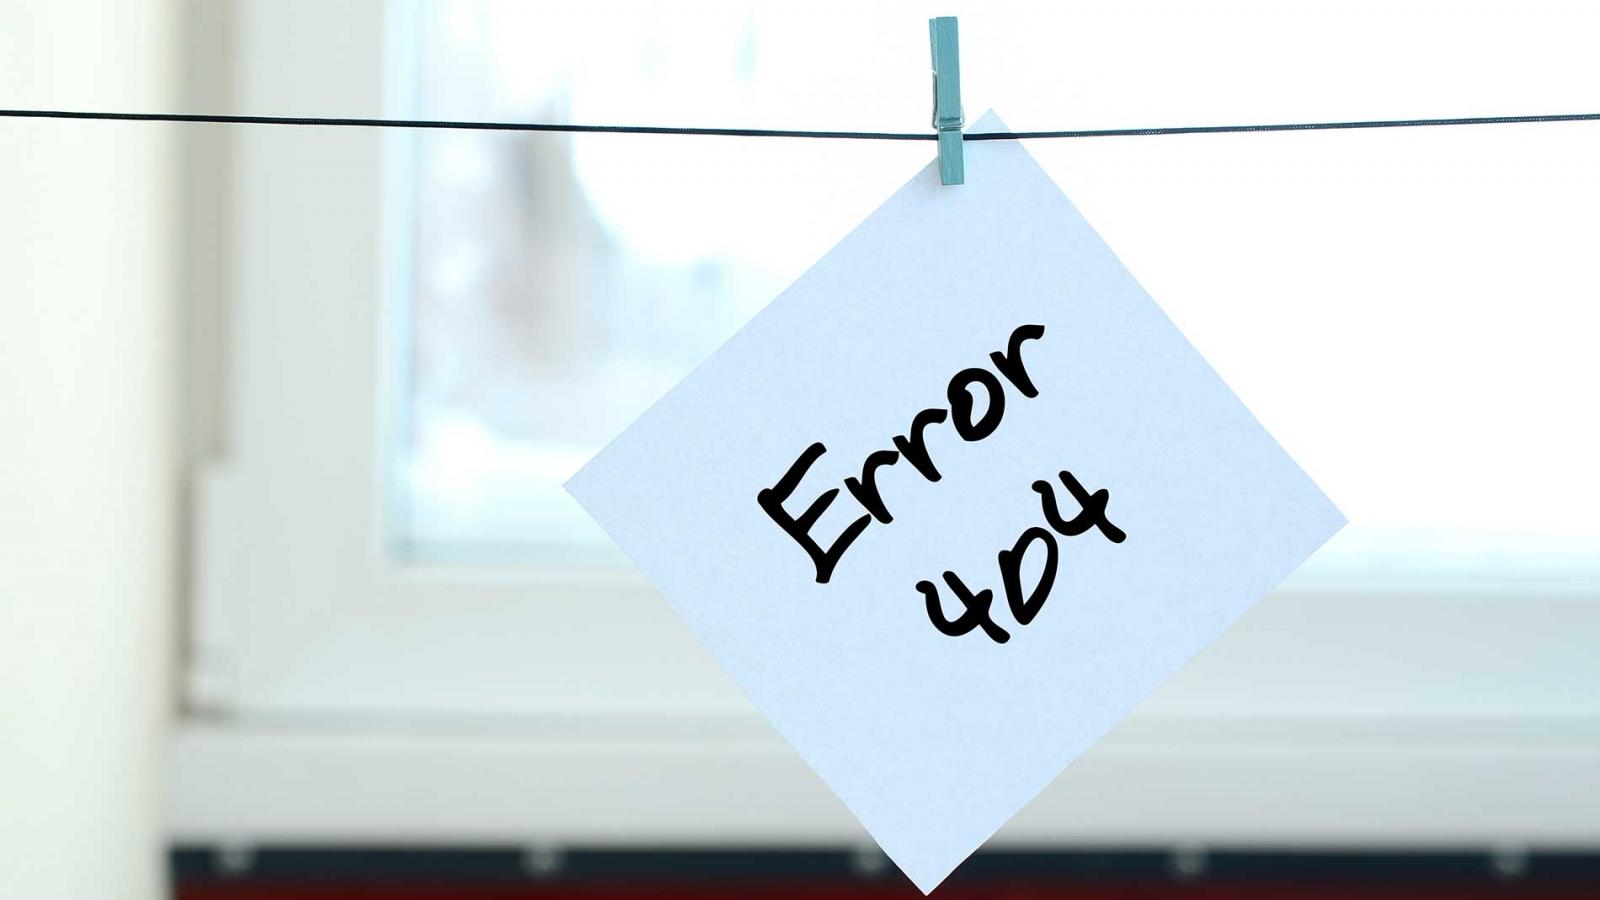 Errore 404 - Redirect